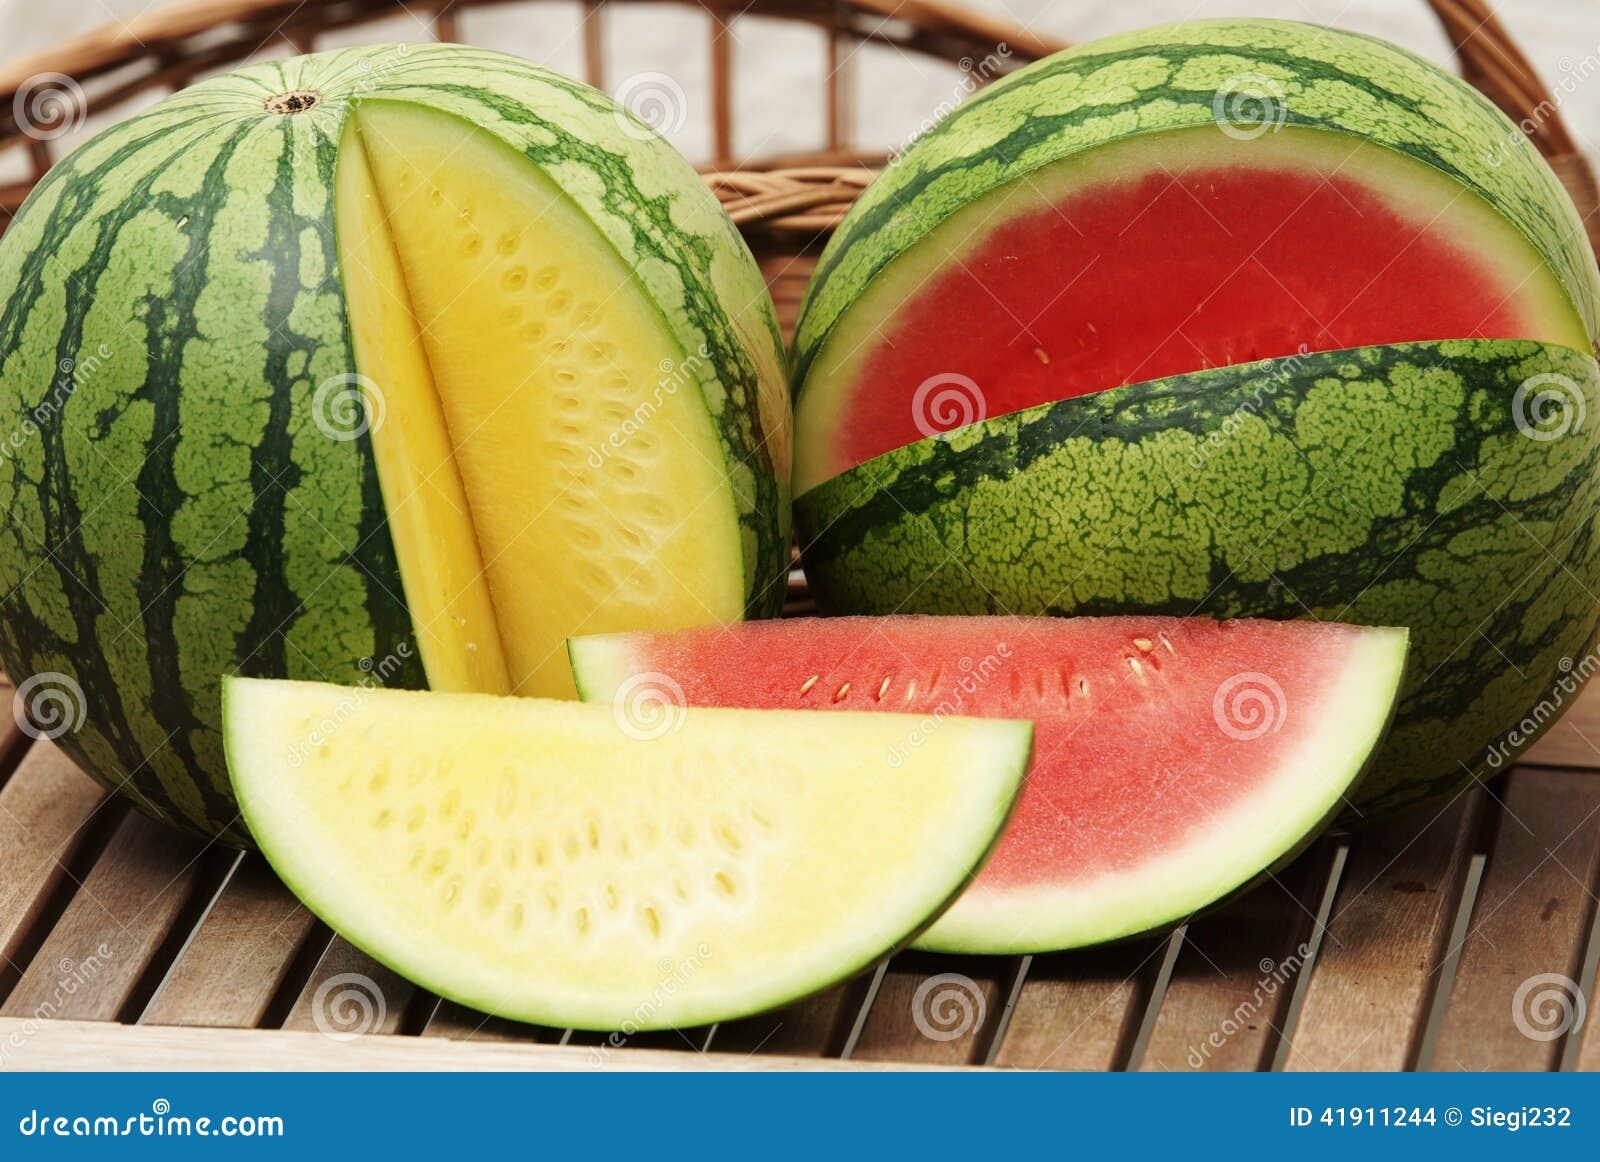 Melones frescos